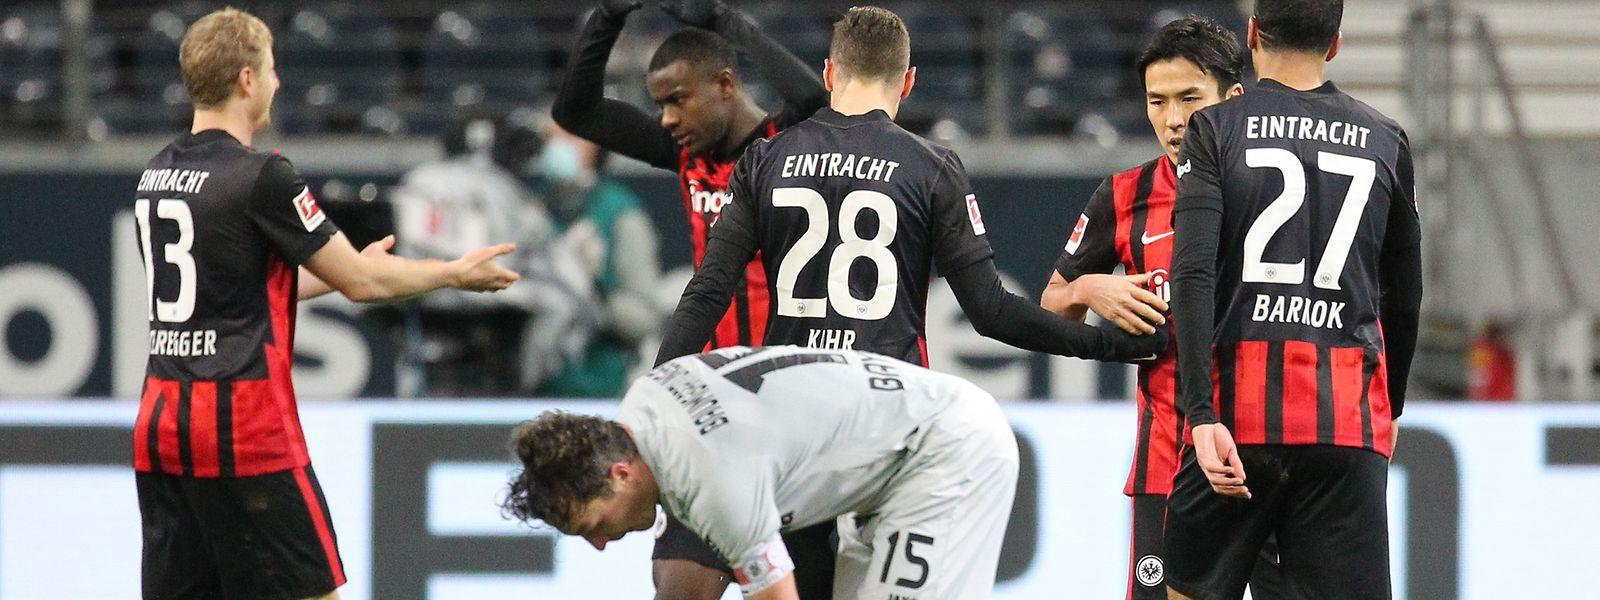 Die Frankfurter drehen die Partie gegen Favorit Leverkusen.